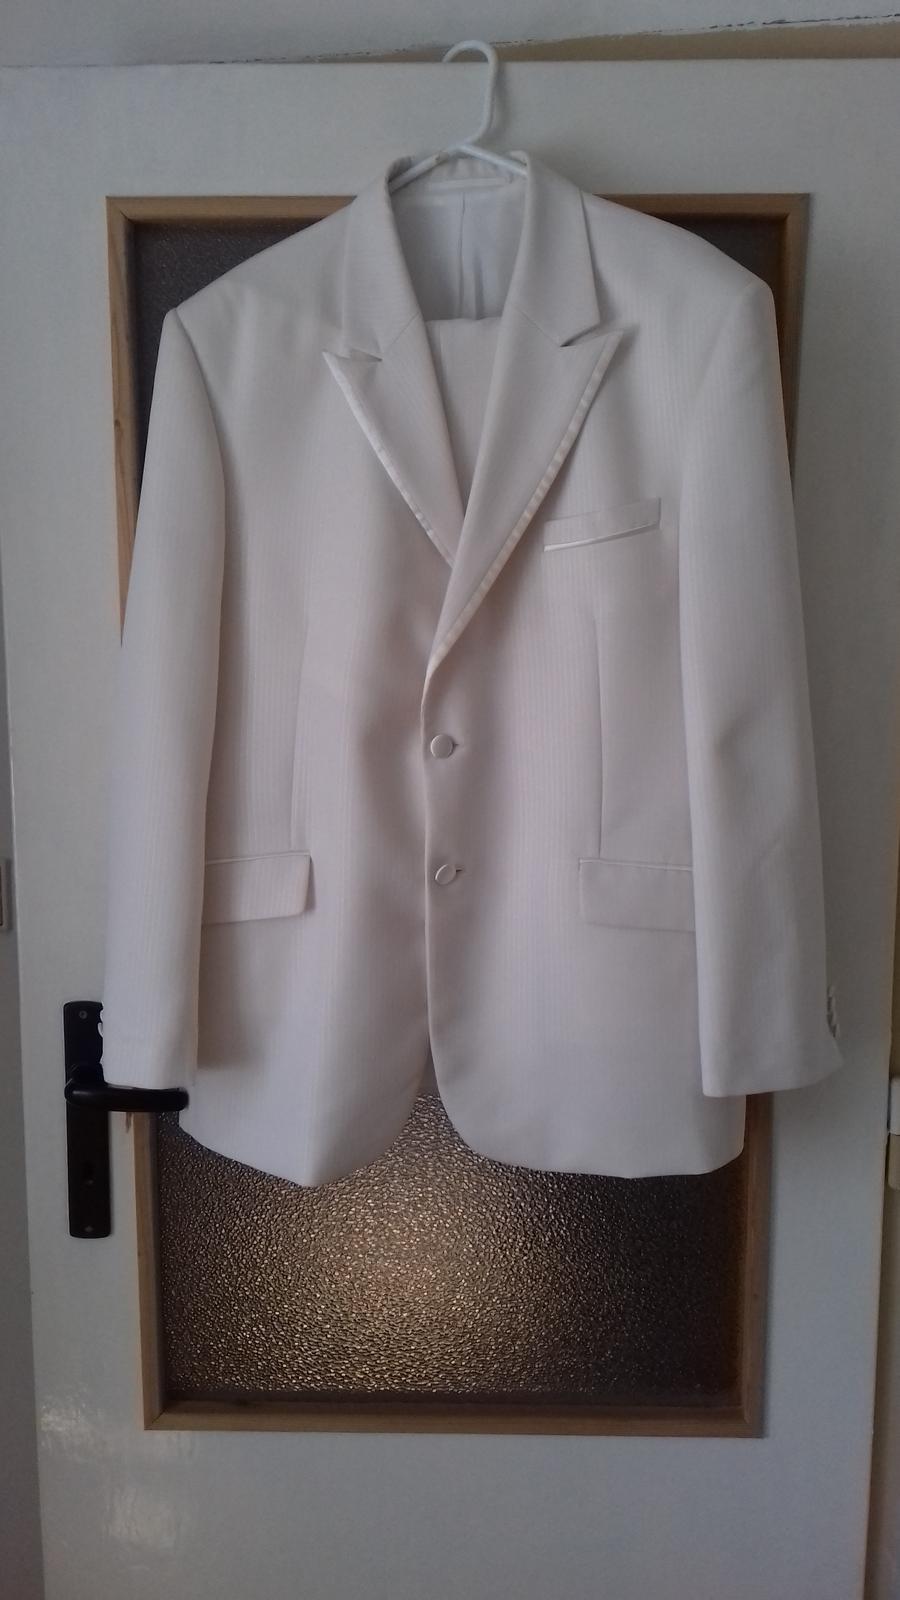 Oblek 56 světlá ivory - Obrázok č. 1